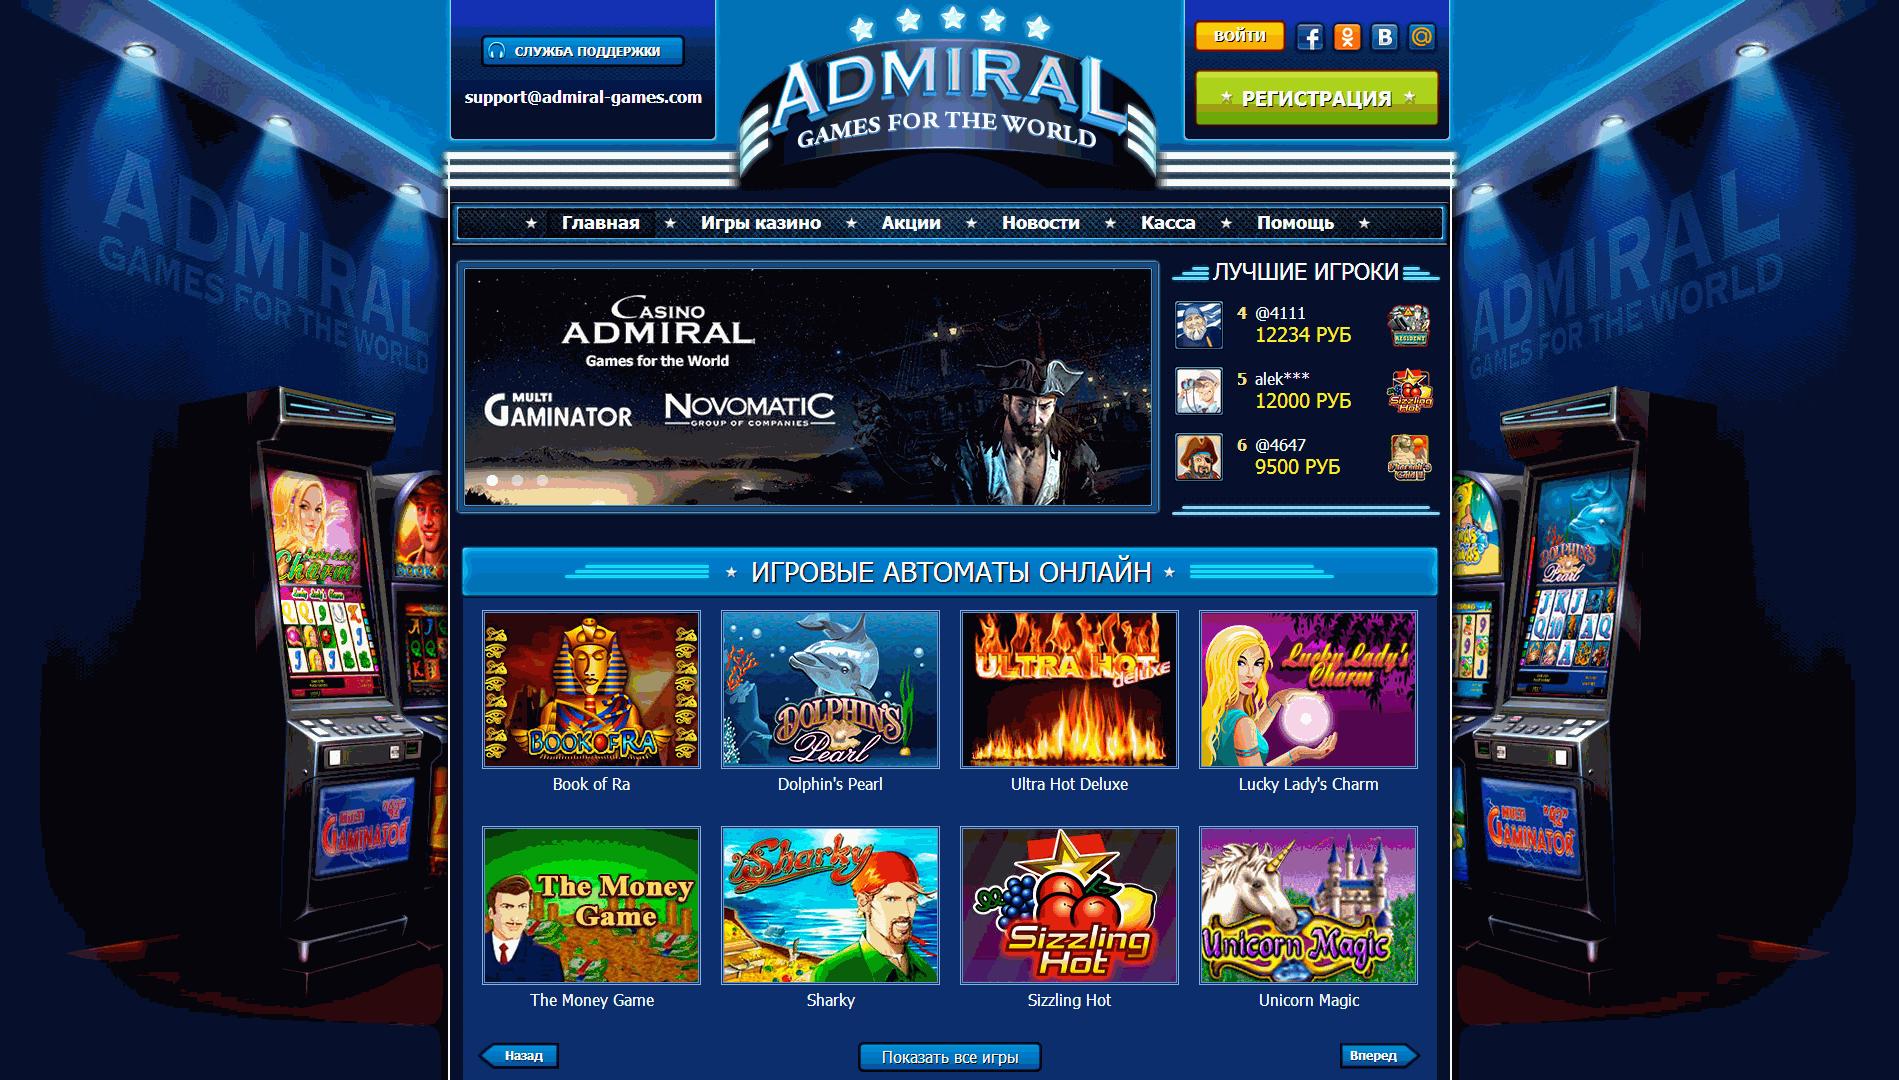 Алькатрас игровые автоматы во весь экран